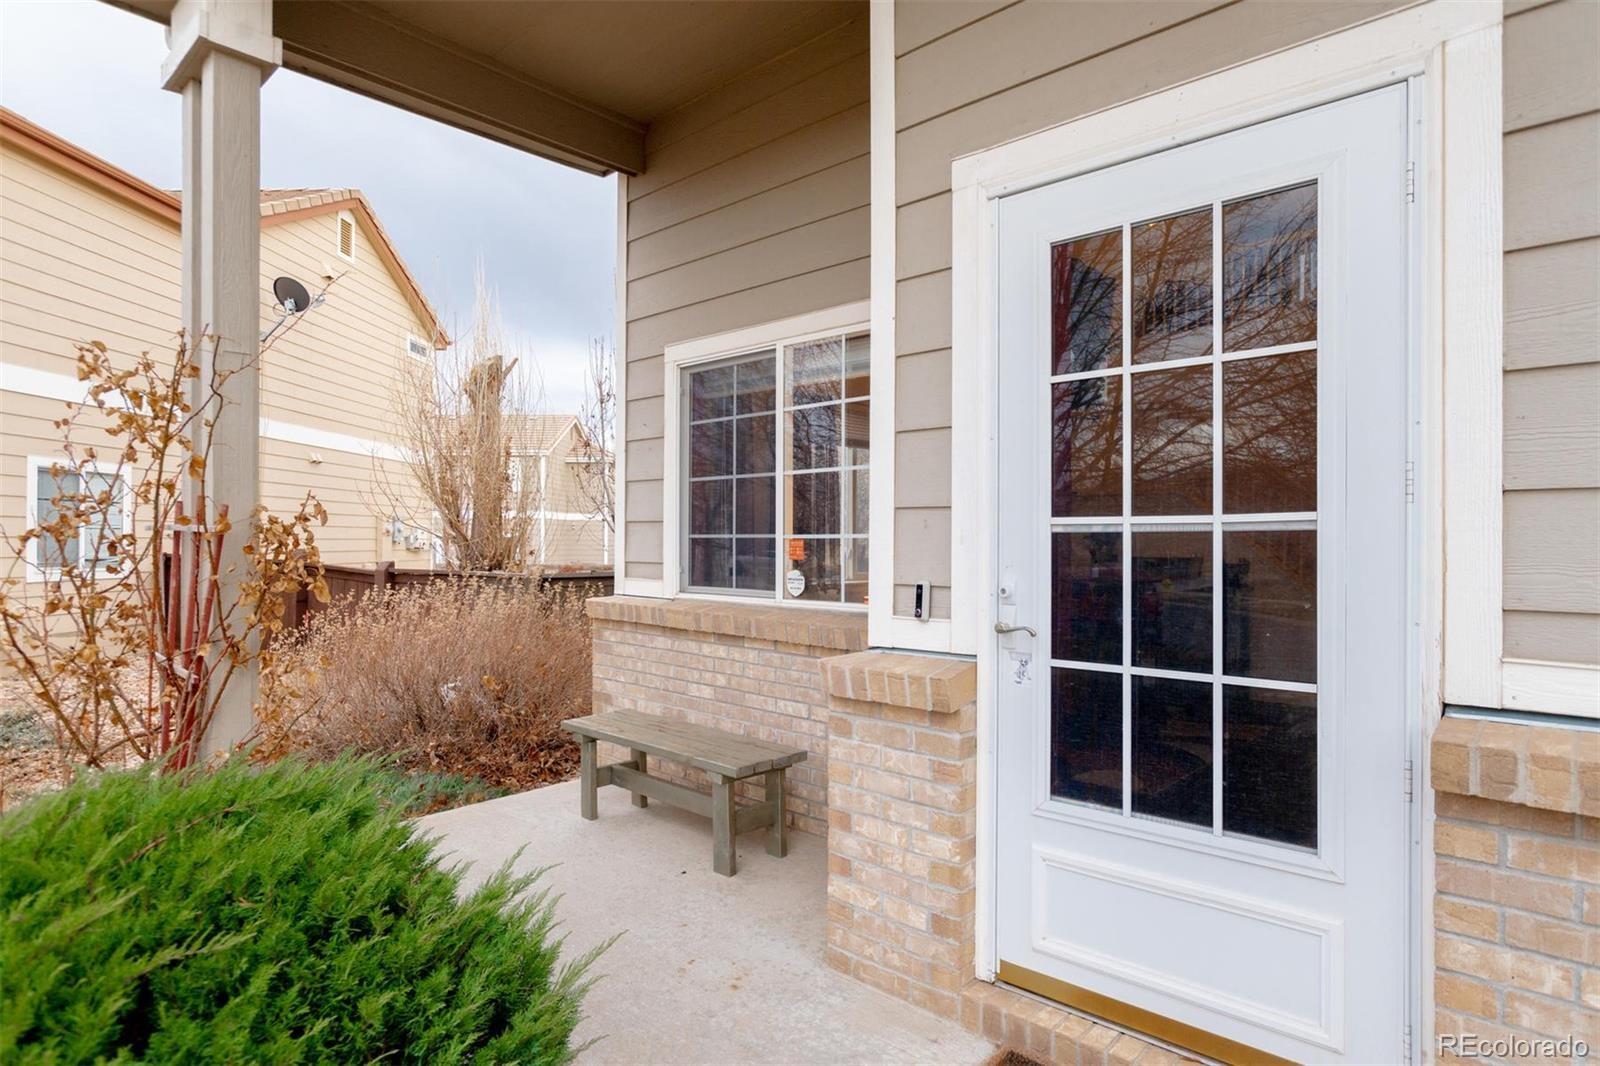 MLS# 8142011 - 3 - 19342 E 58th Place, Aurora, CO 80019